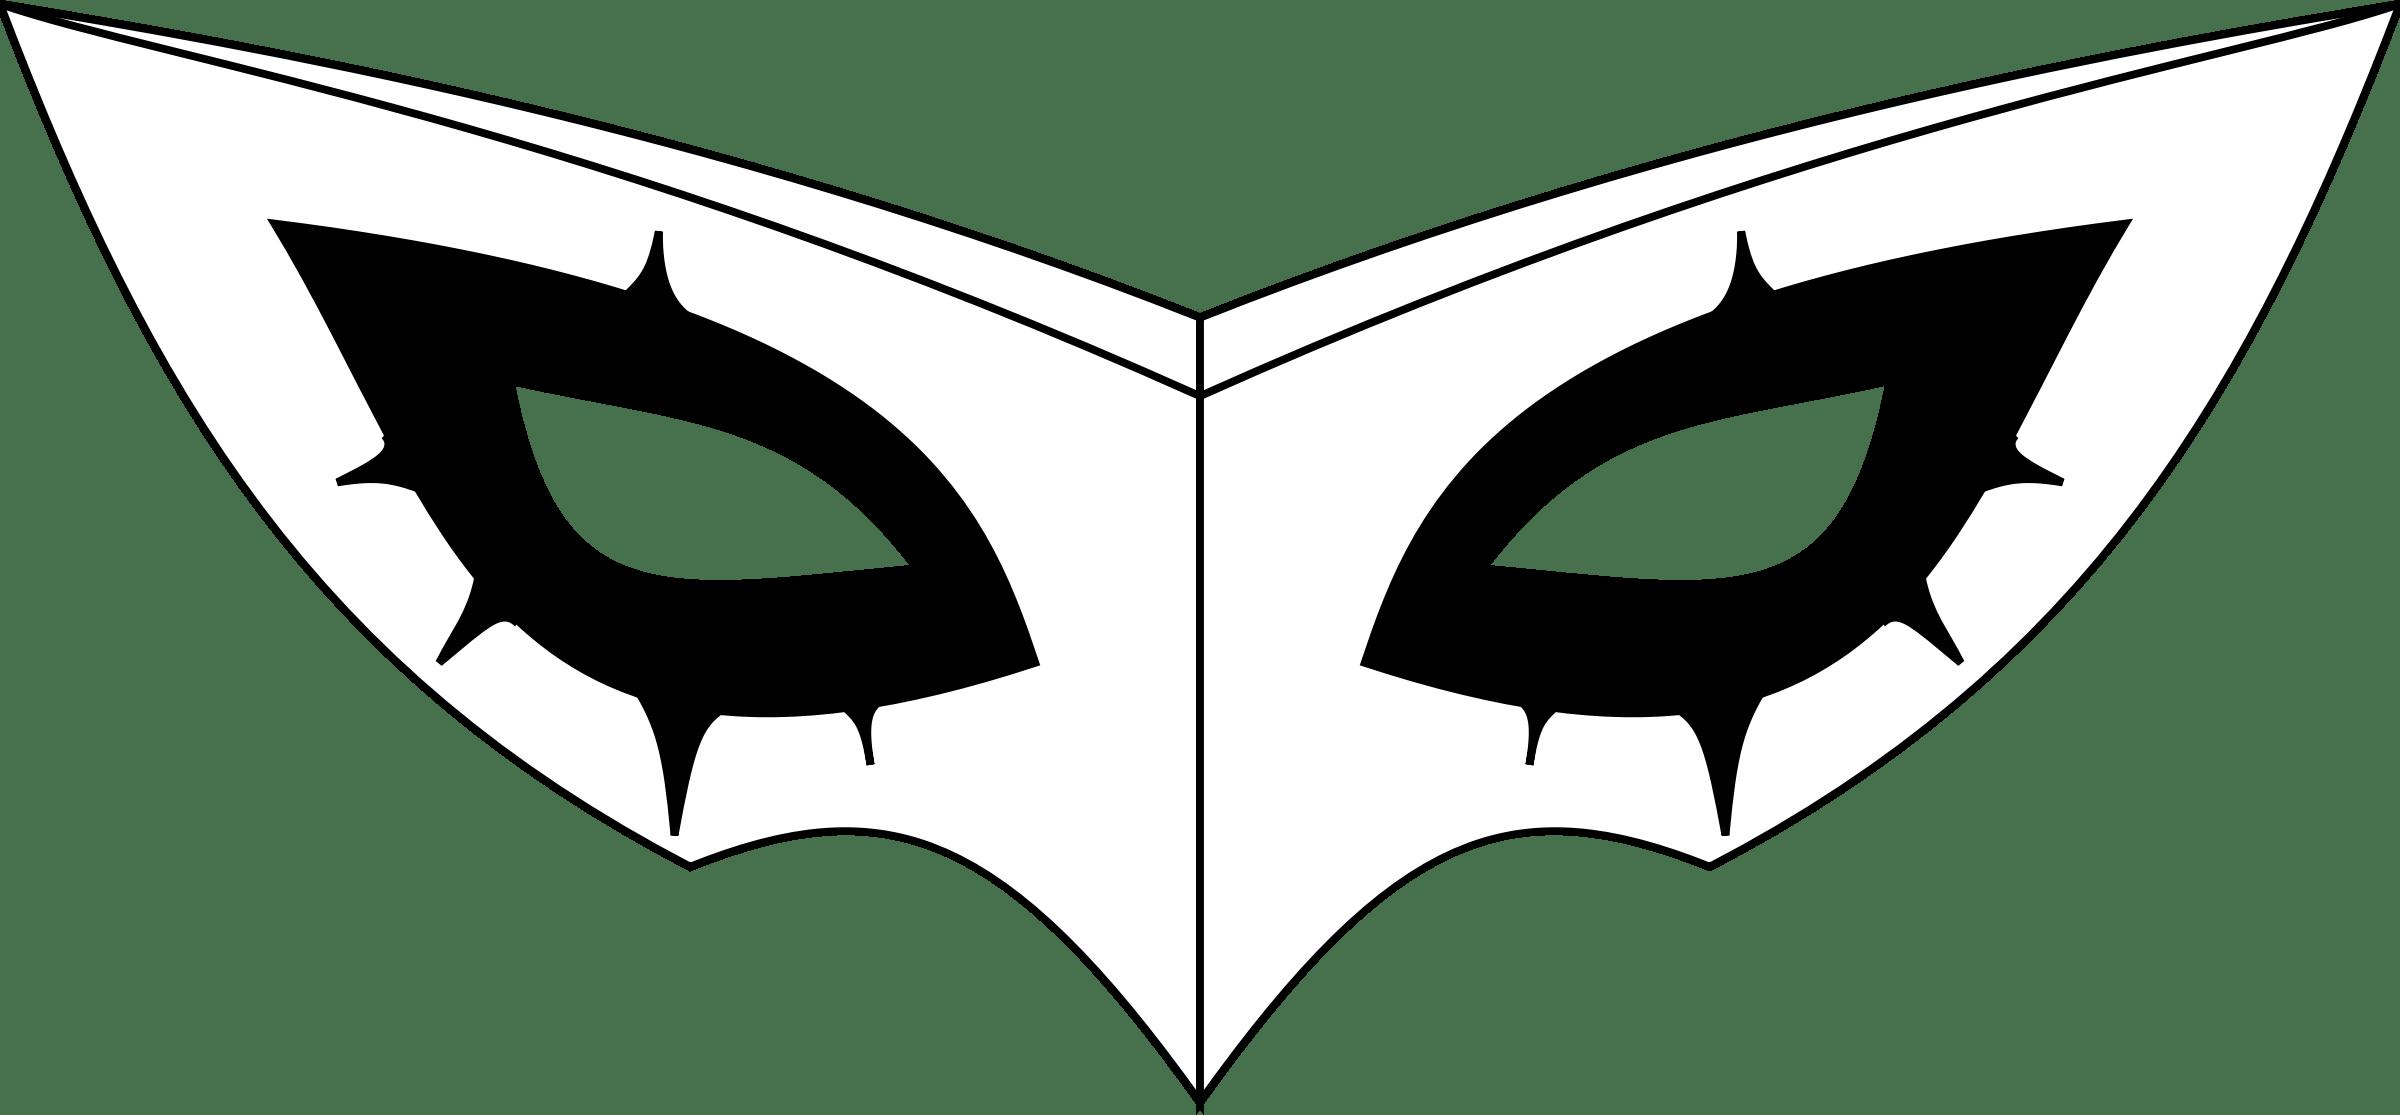 Joker S Costume Mask Vector Clipart Image